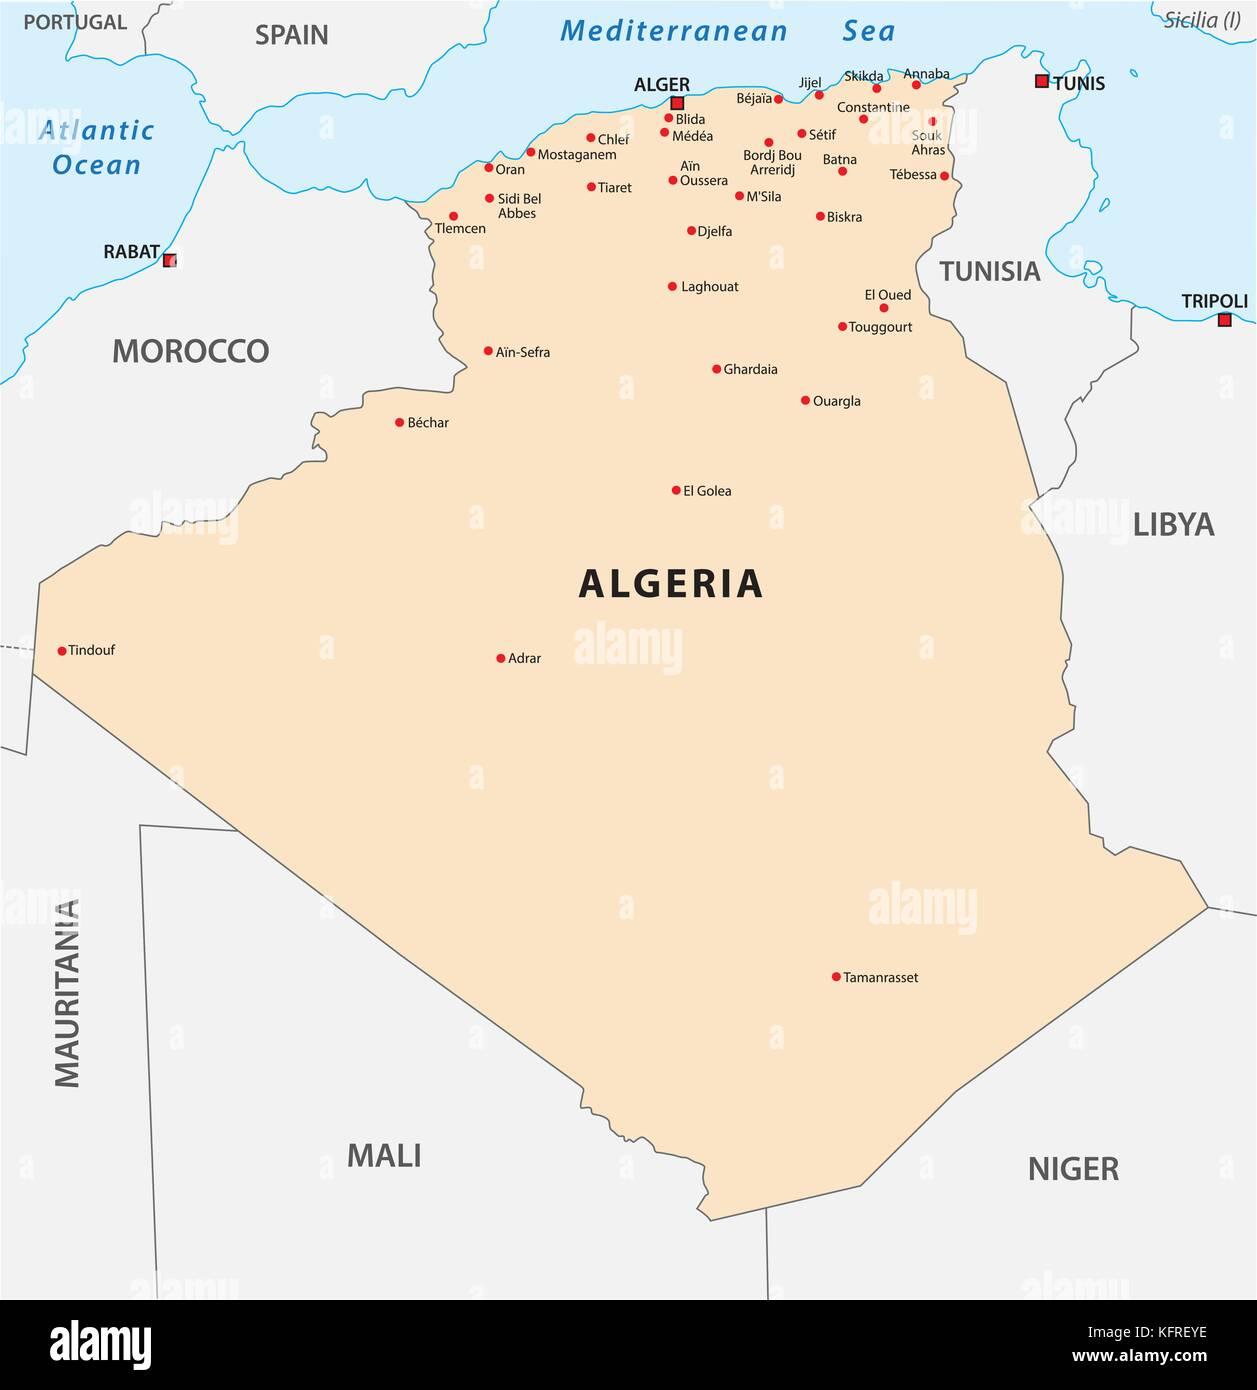 Map Algeria Tunisia Stockfotos & Map Algeria Tunisia Bilder ...